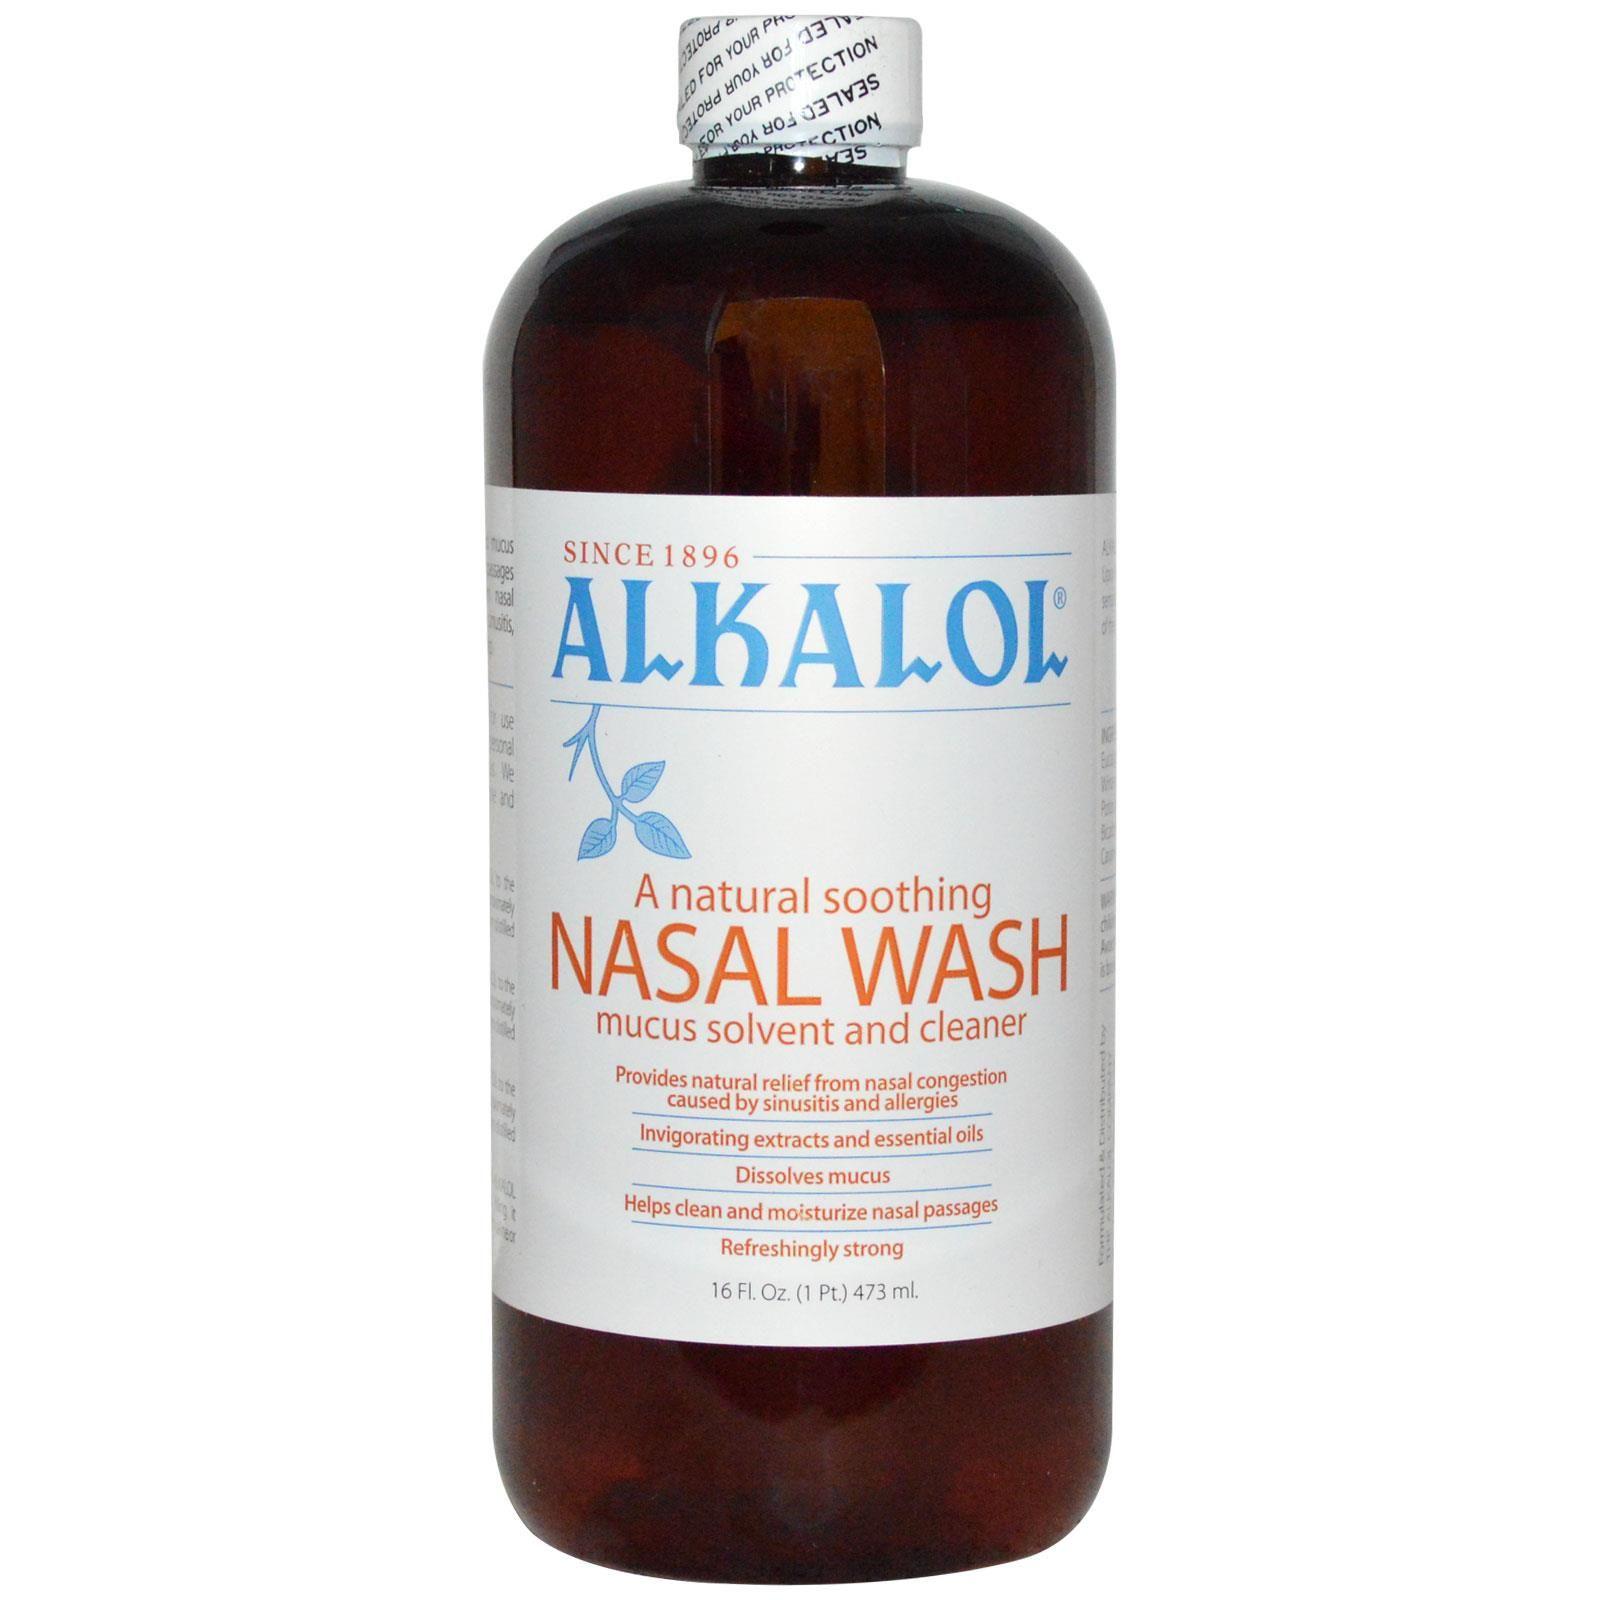 Alkalol | Alkalol, A Natural Soothing Nasal Wash Mucus